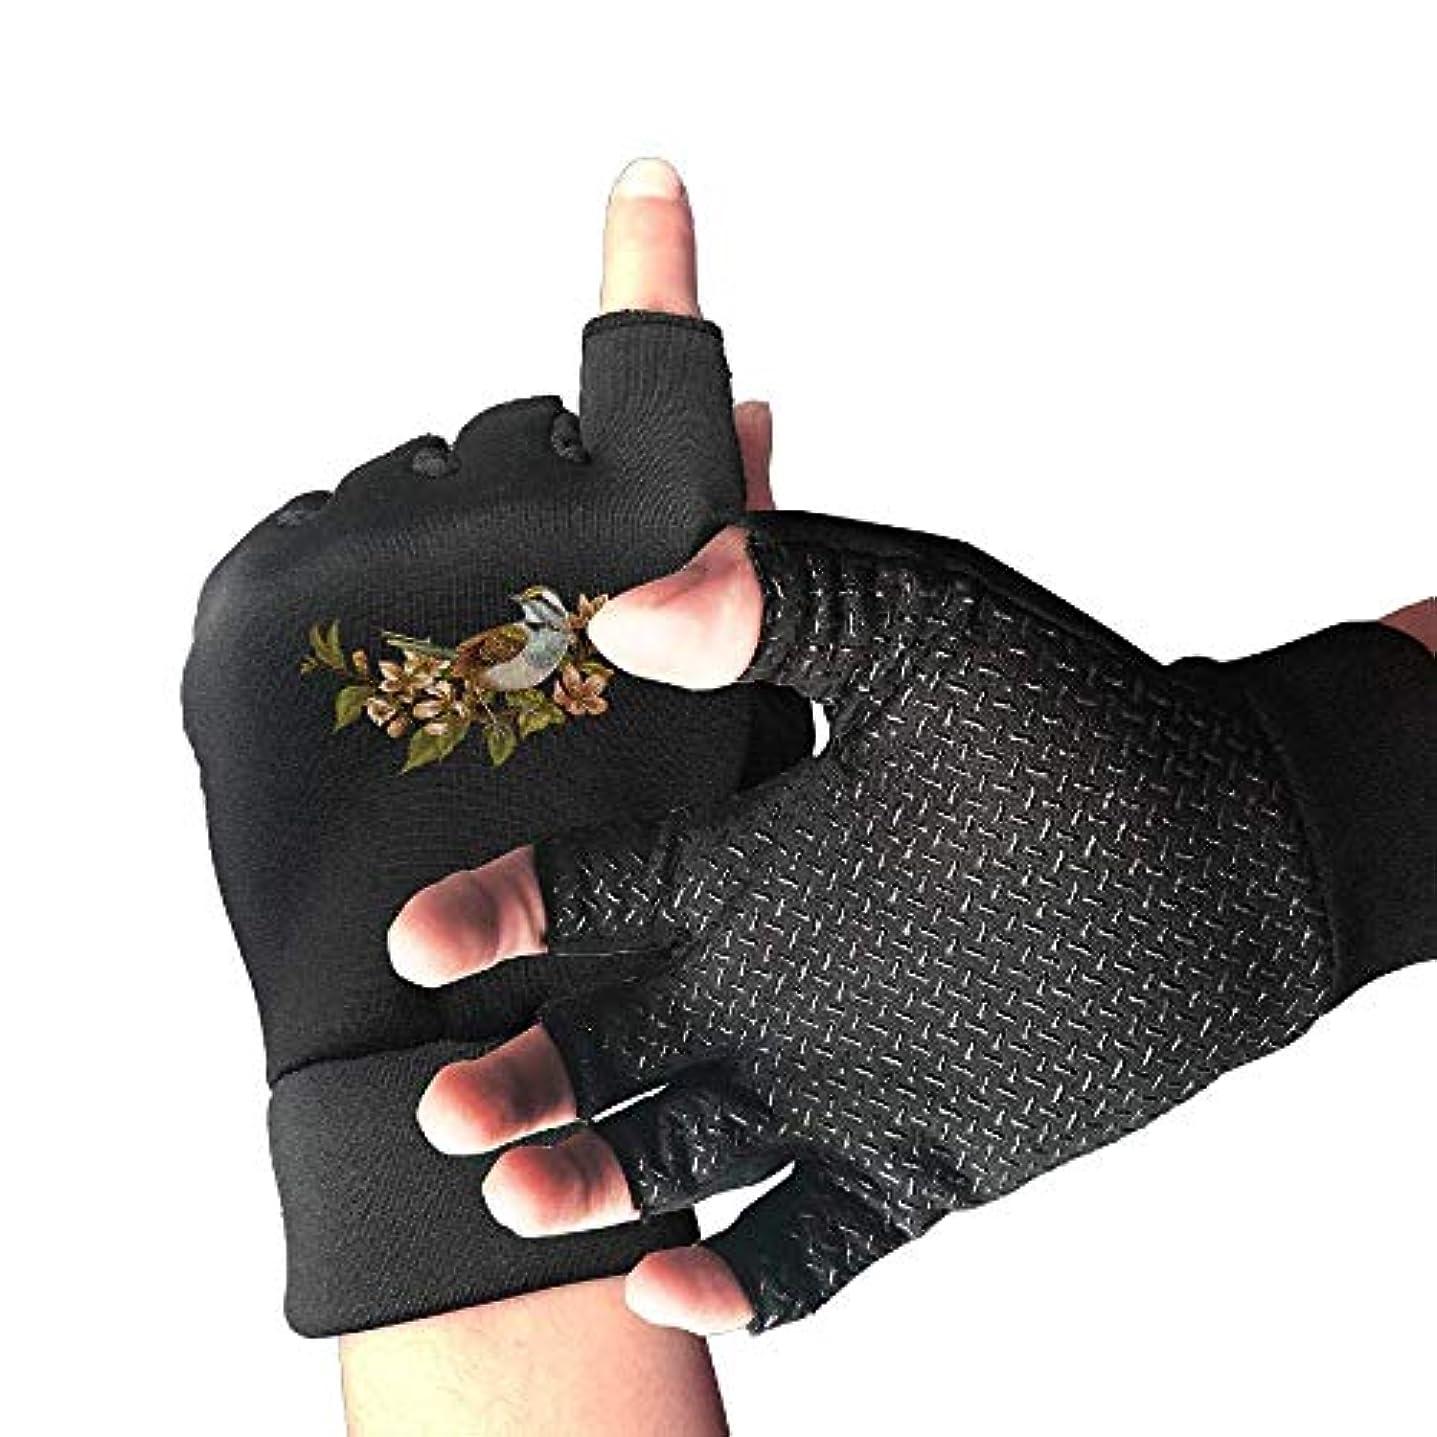 不和ジョージスティーブンソン肉Cycling Gloves White Flowers Bird Men's/Women's Mountain Bike Gloves Half Finger Anti-Slip Motorcycle Gloves